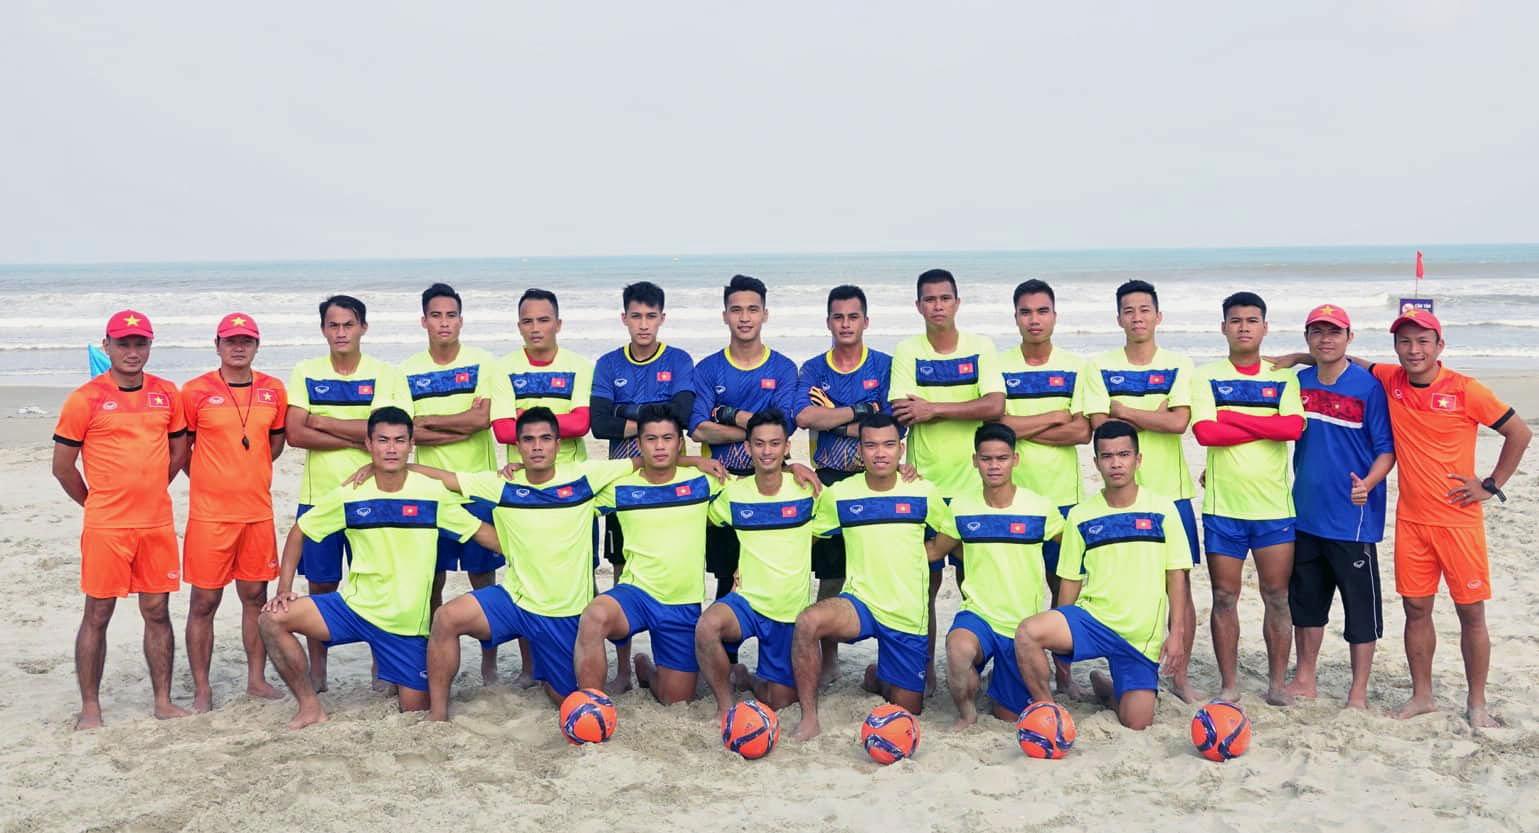 Danh sách ĐT bóng đá bãi biển QG tập trung chuẩn bị cho Giải vô địch Đông Nam Á 2019